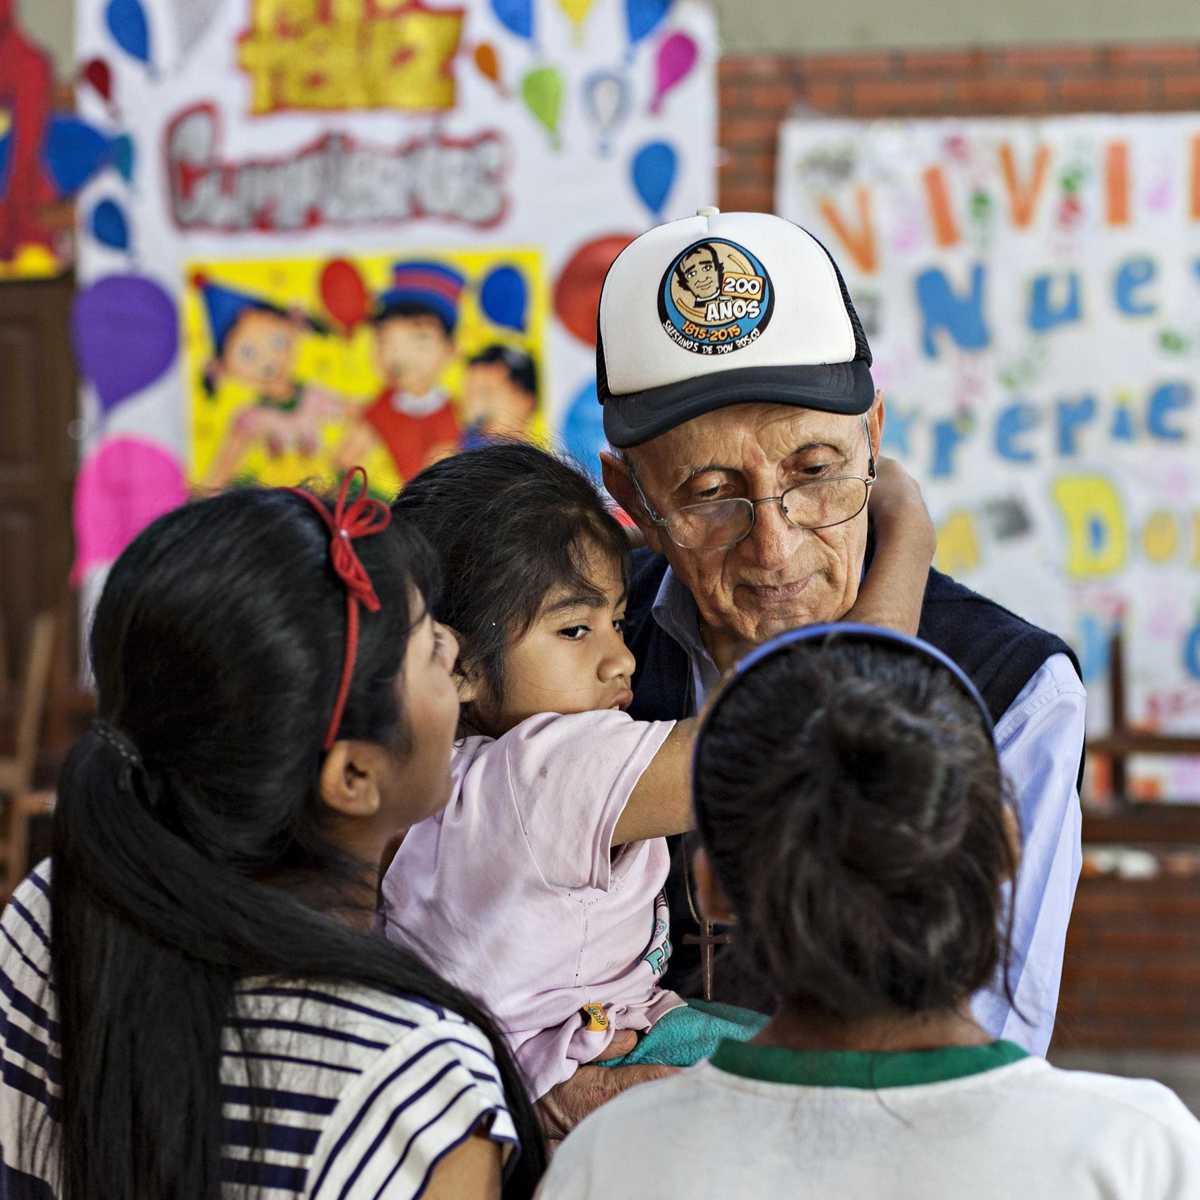 Der Leiter der Einrichtung mit drei Kindern